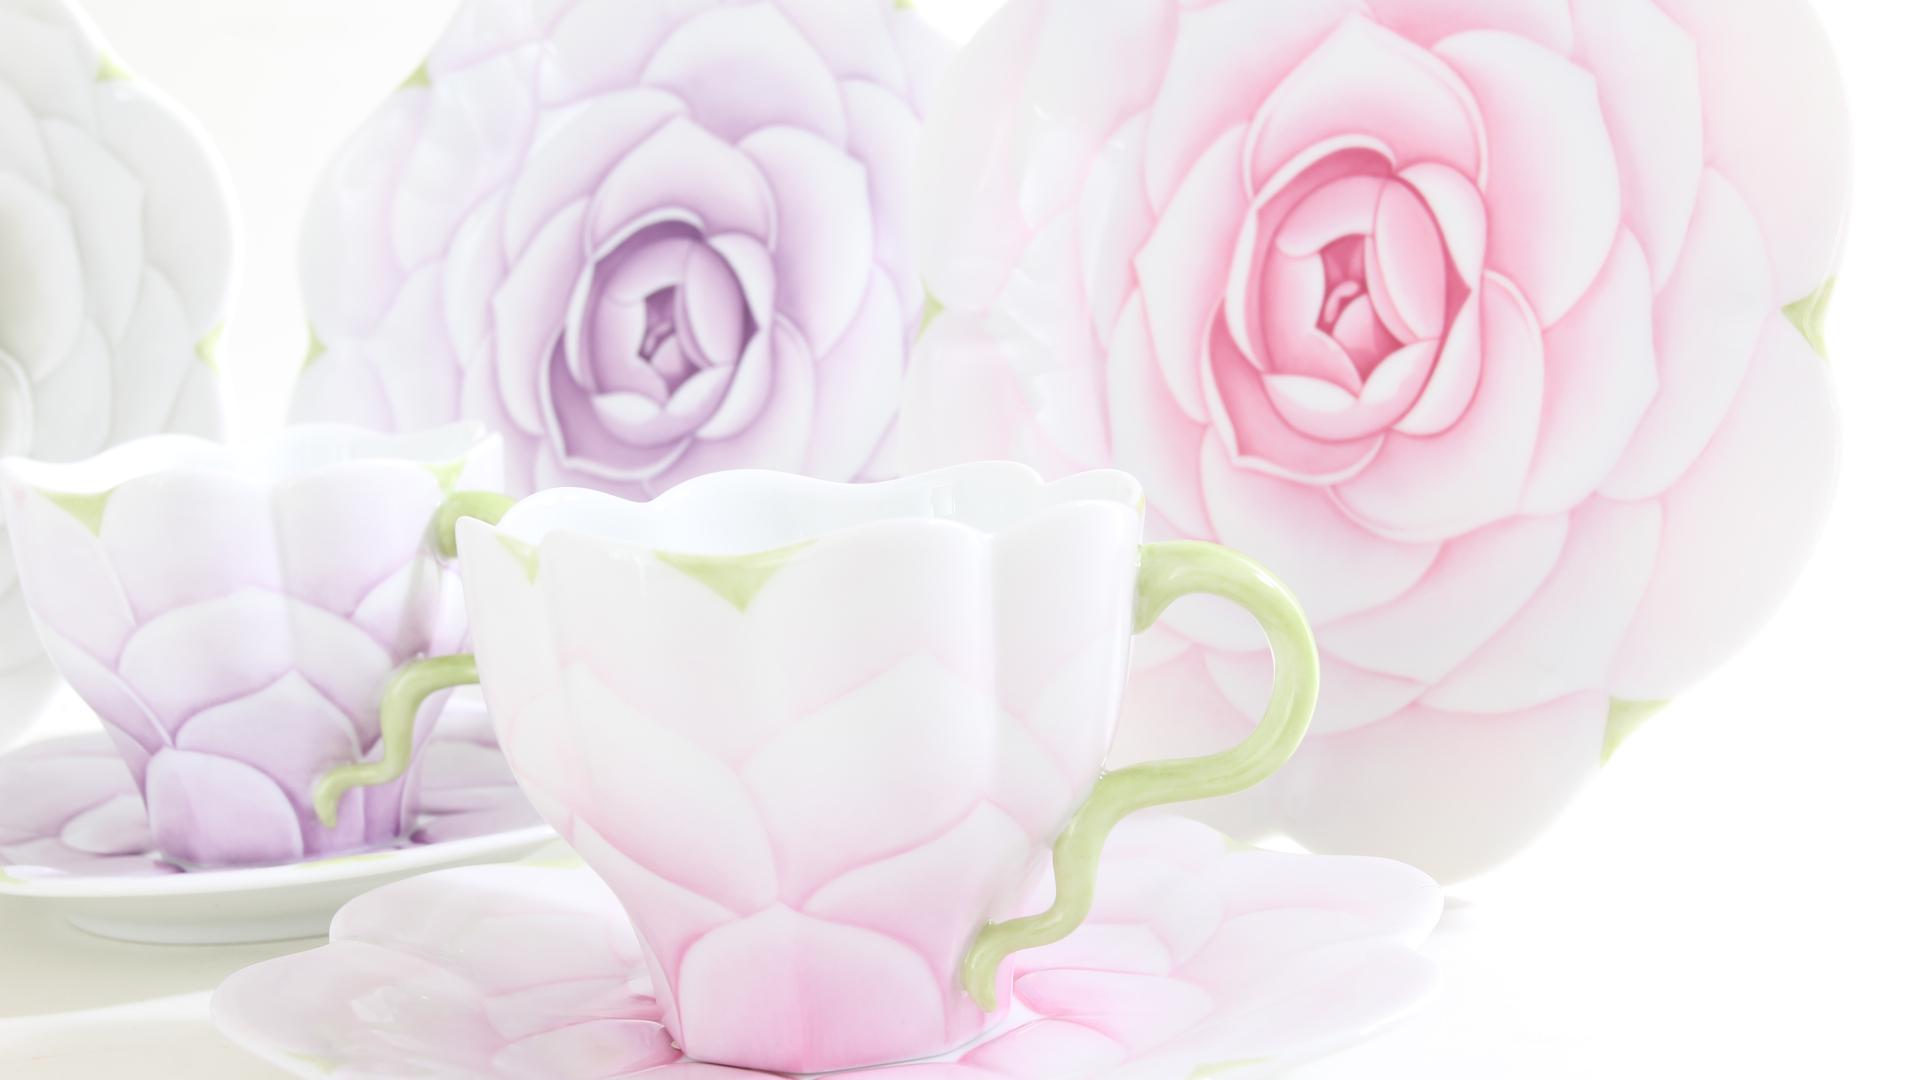 Herend porcelains